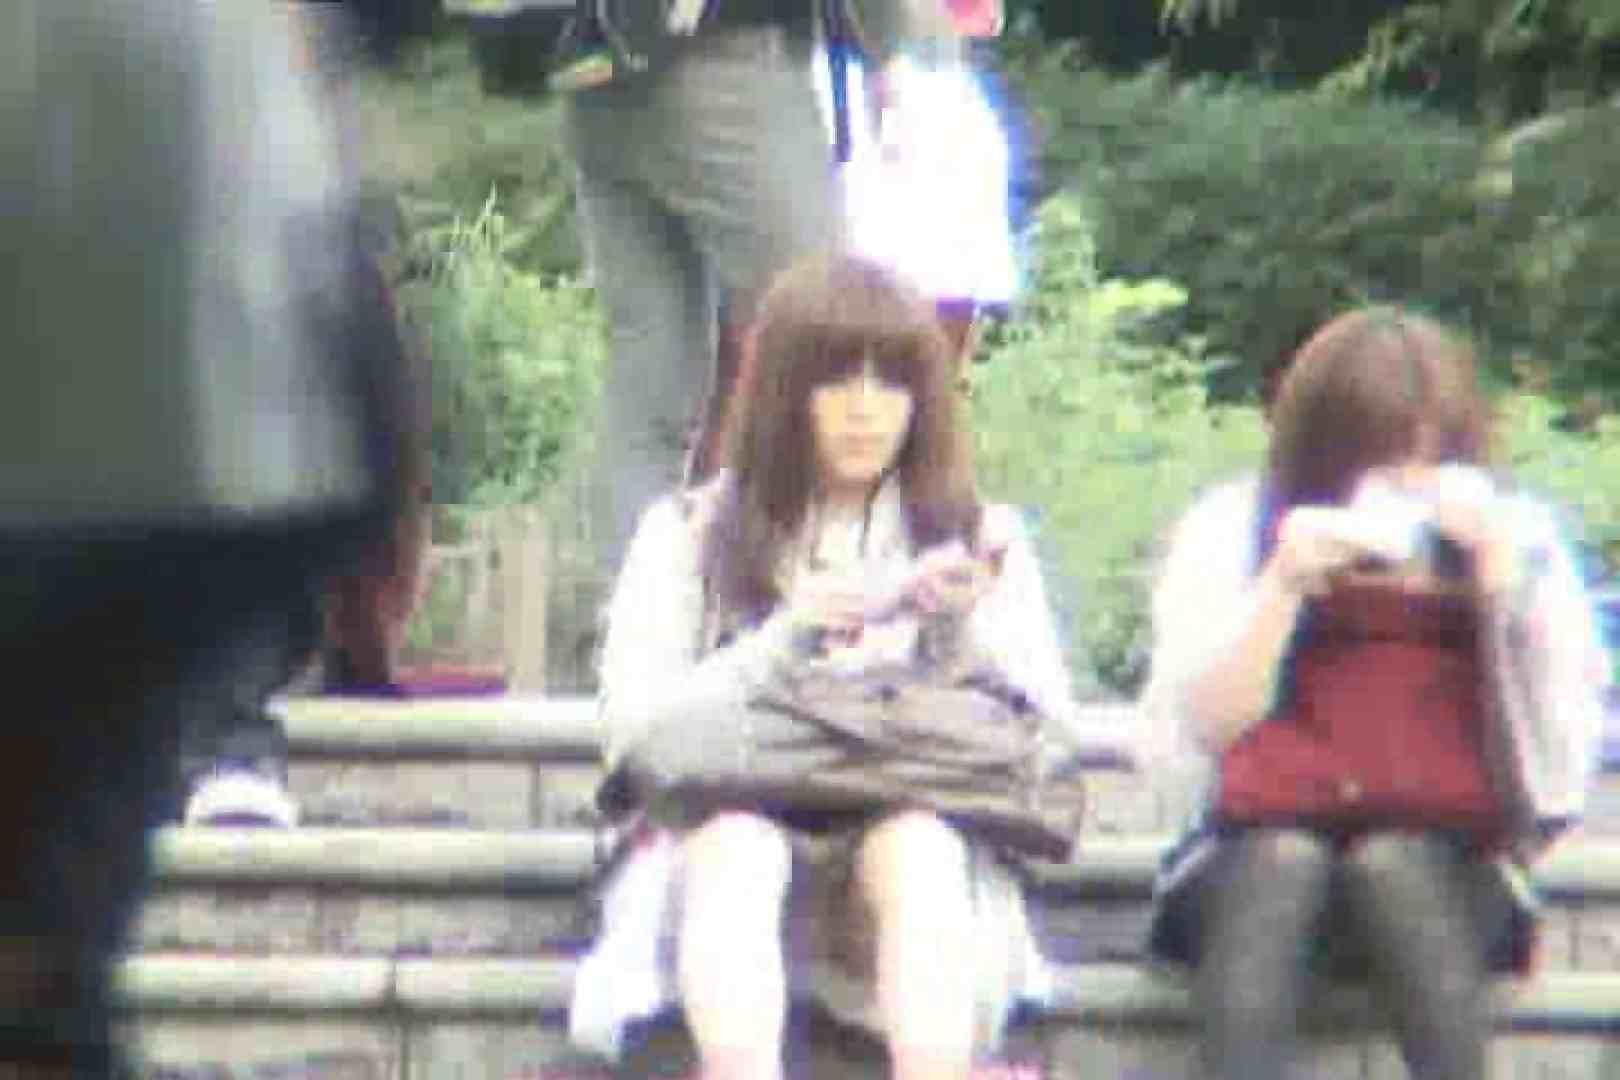 超最新版!春夏秋冬 vol.04 ティーンギャル オメコ無修正動画無料 98pic 12